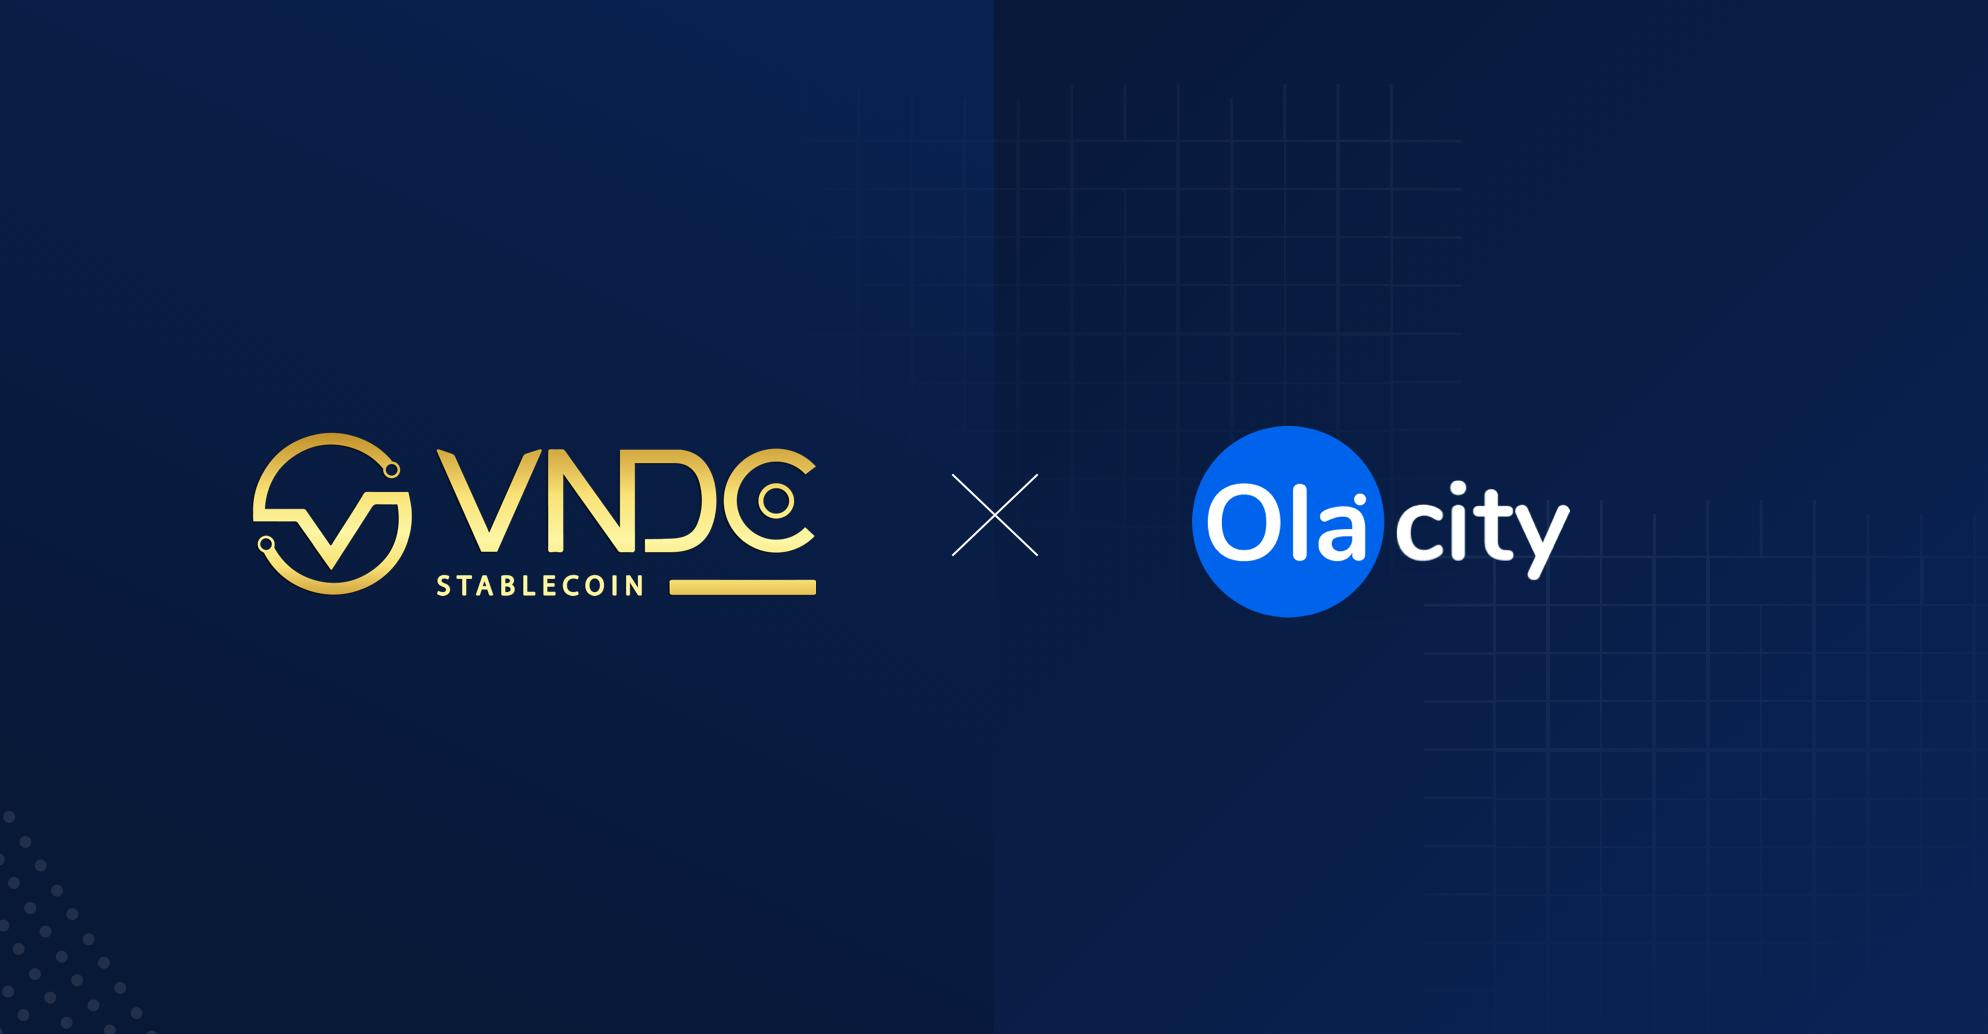 Thông báo về việc hợp tác giữa VNDC và đối tác OlaCity